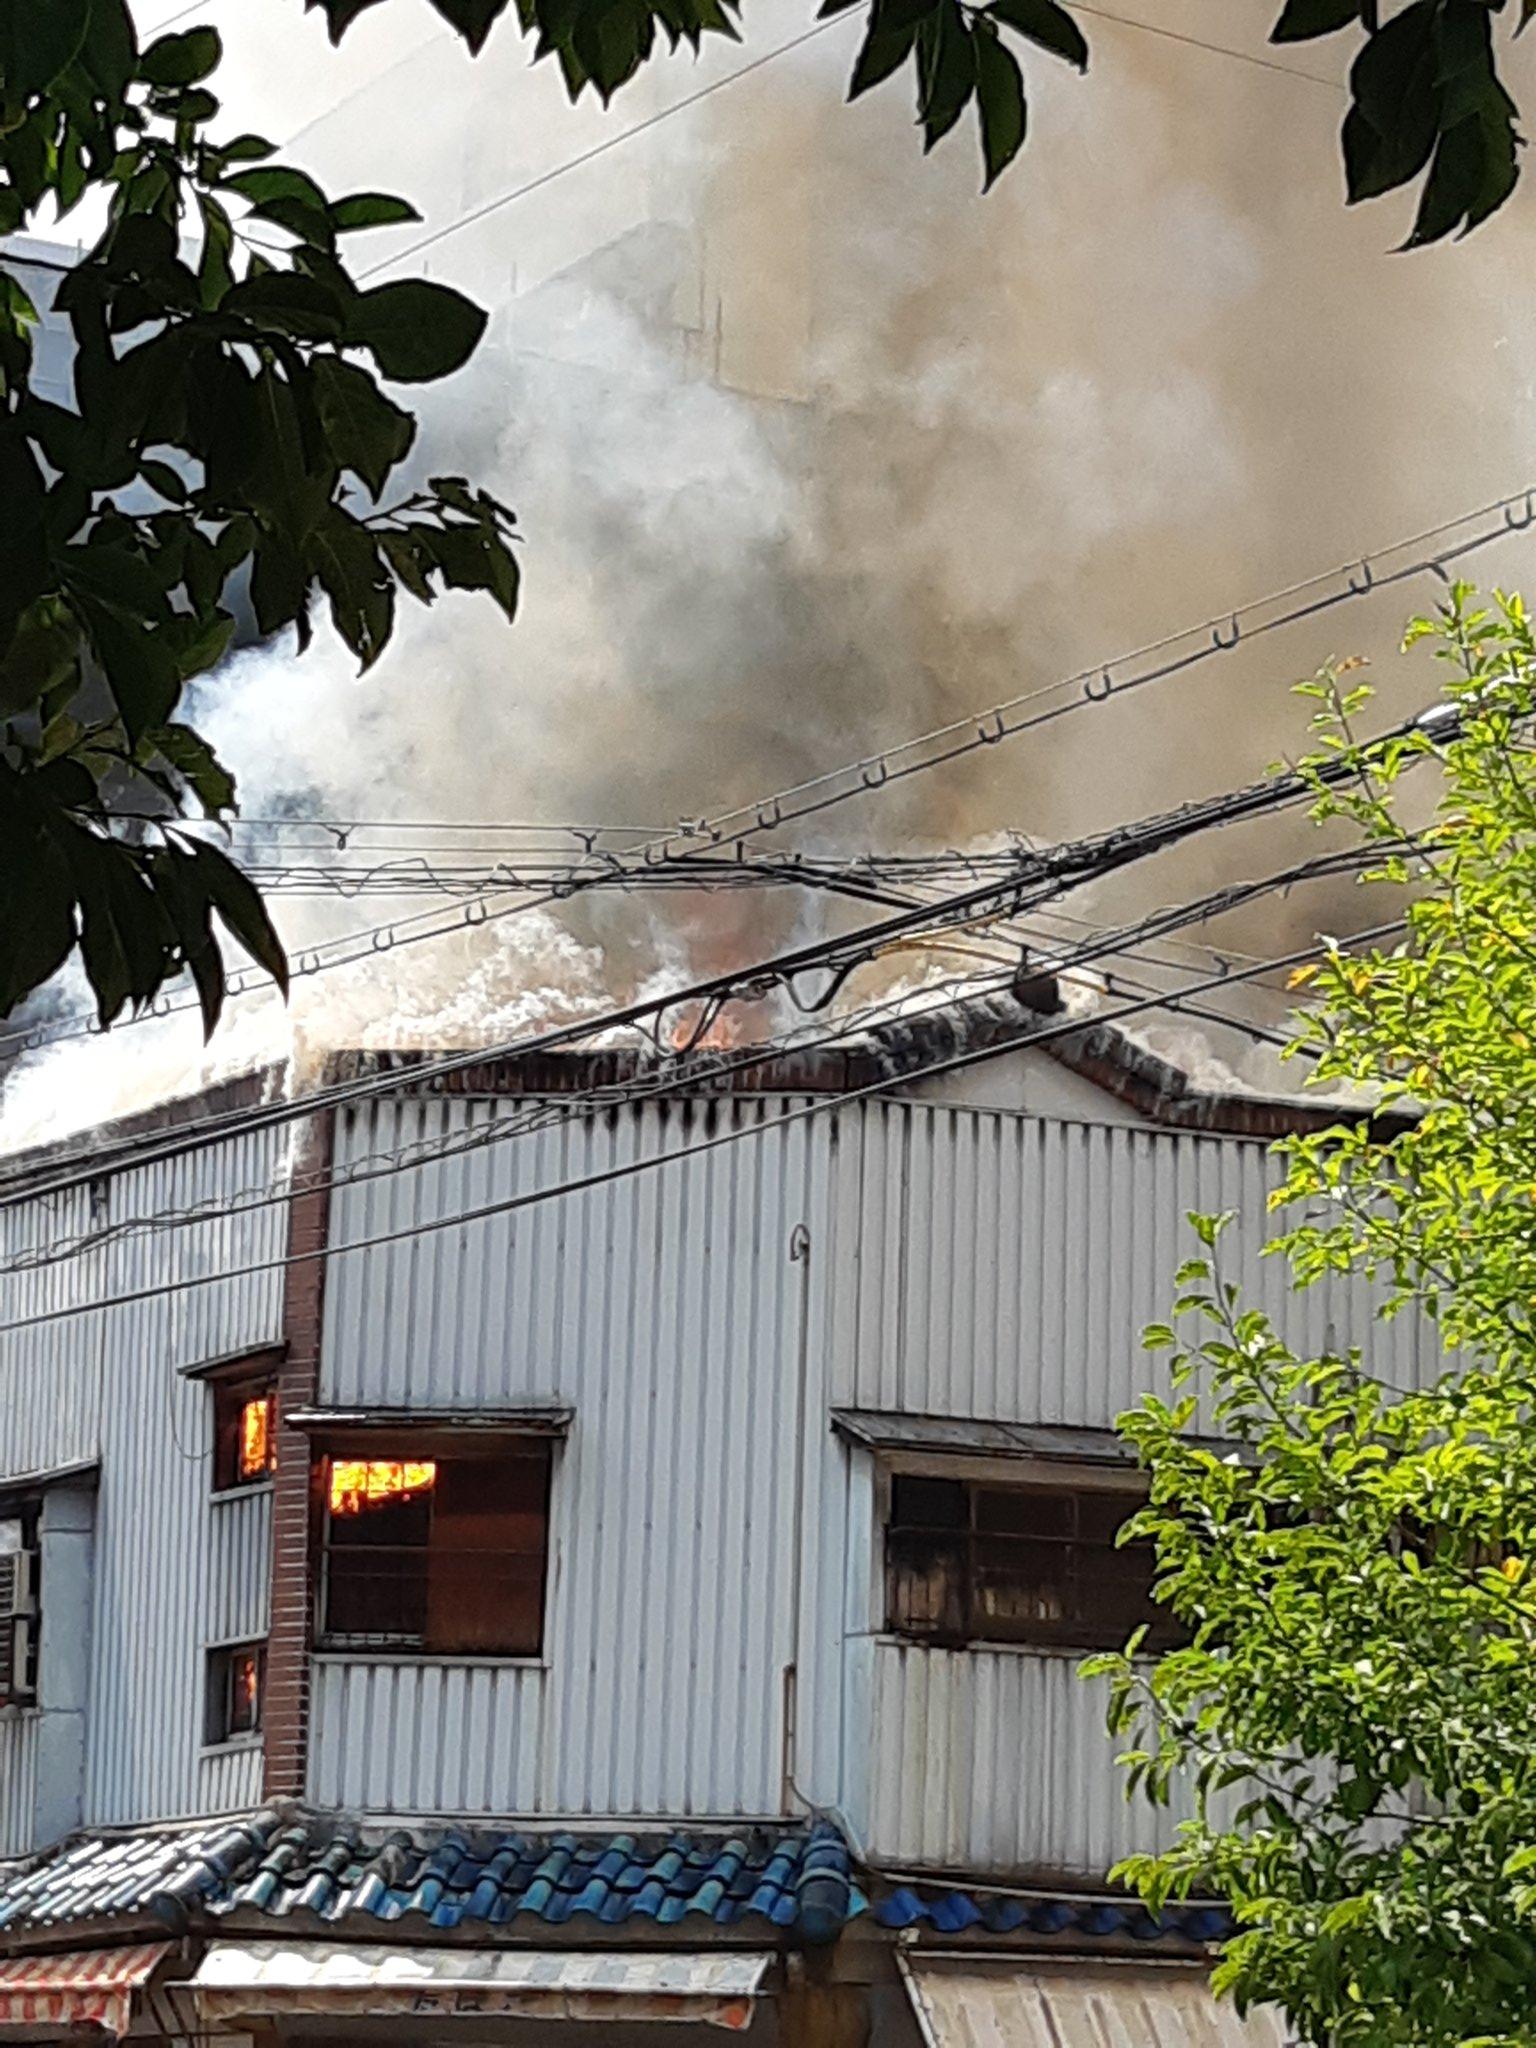 西成区の建物火災の現場の画像